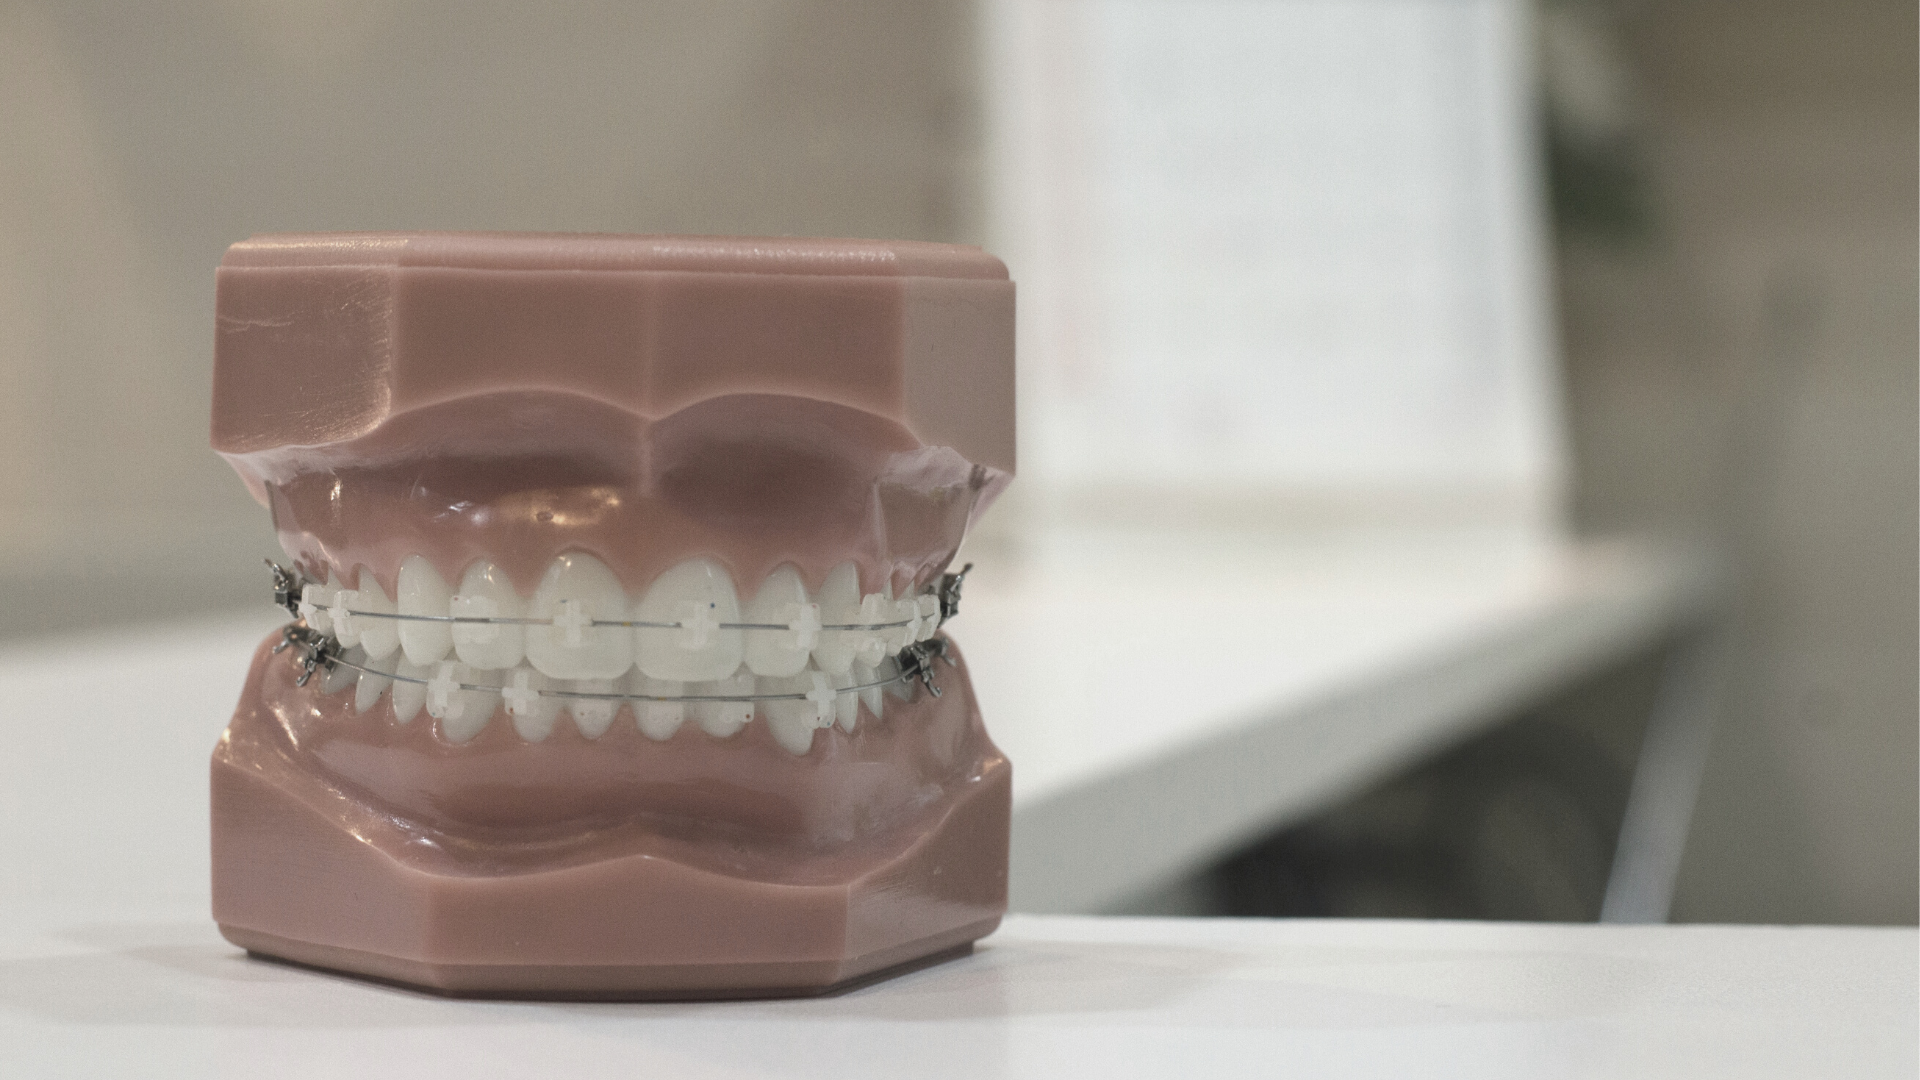 Problemas con la ortodoncia durante el confinamiento